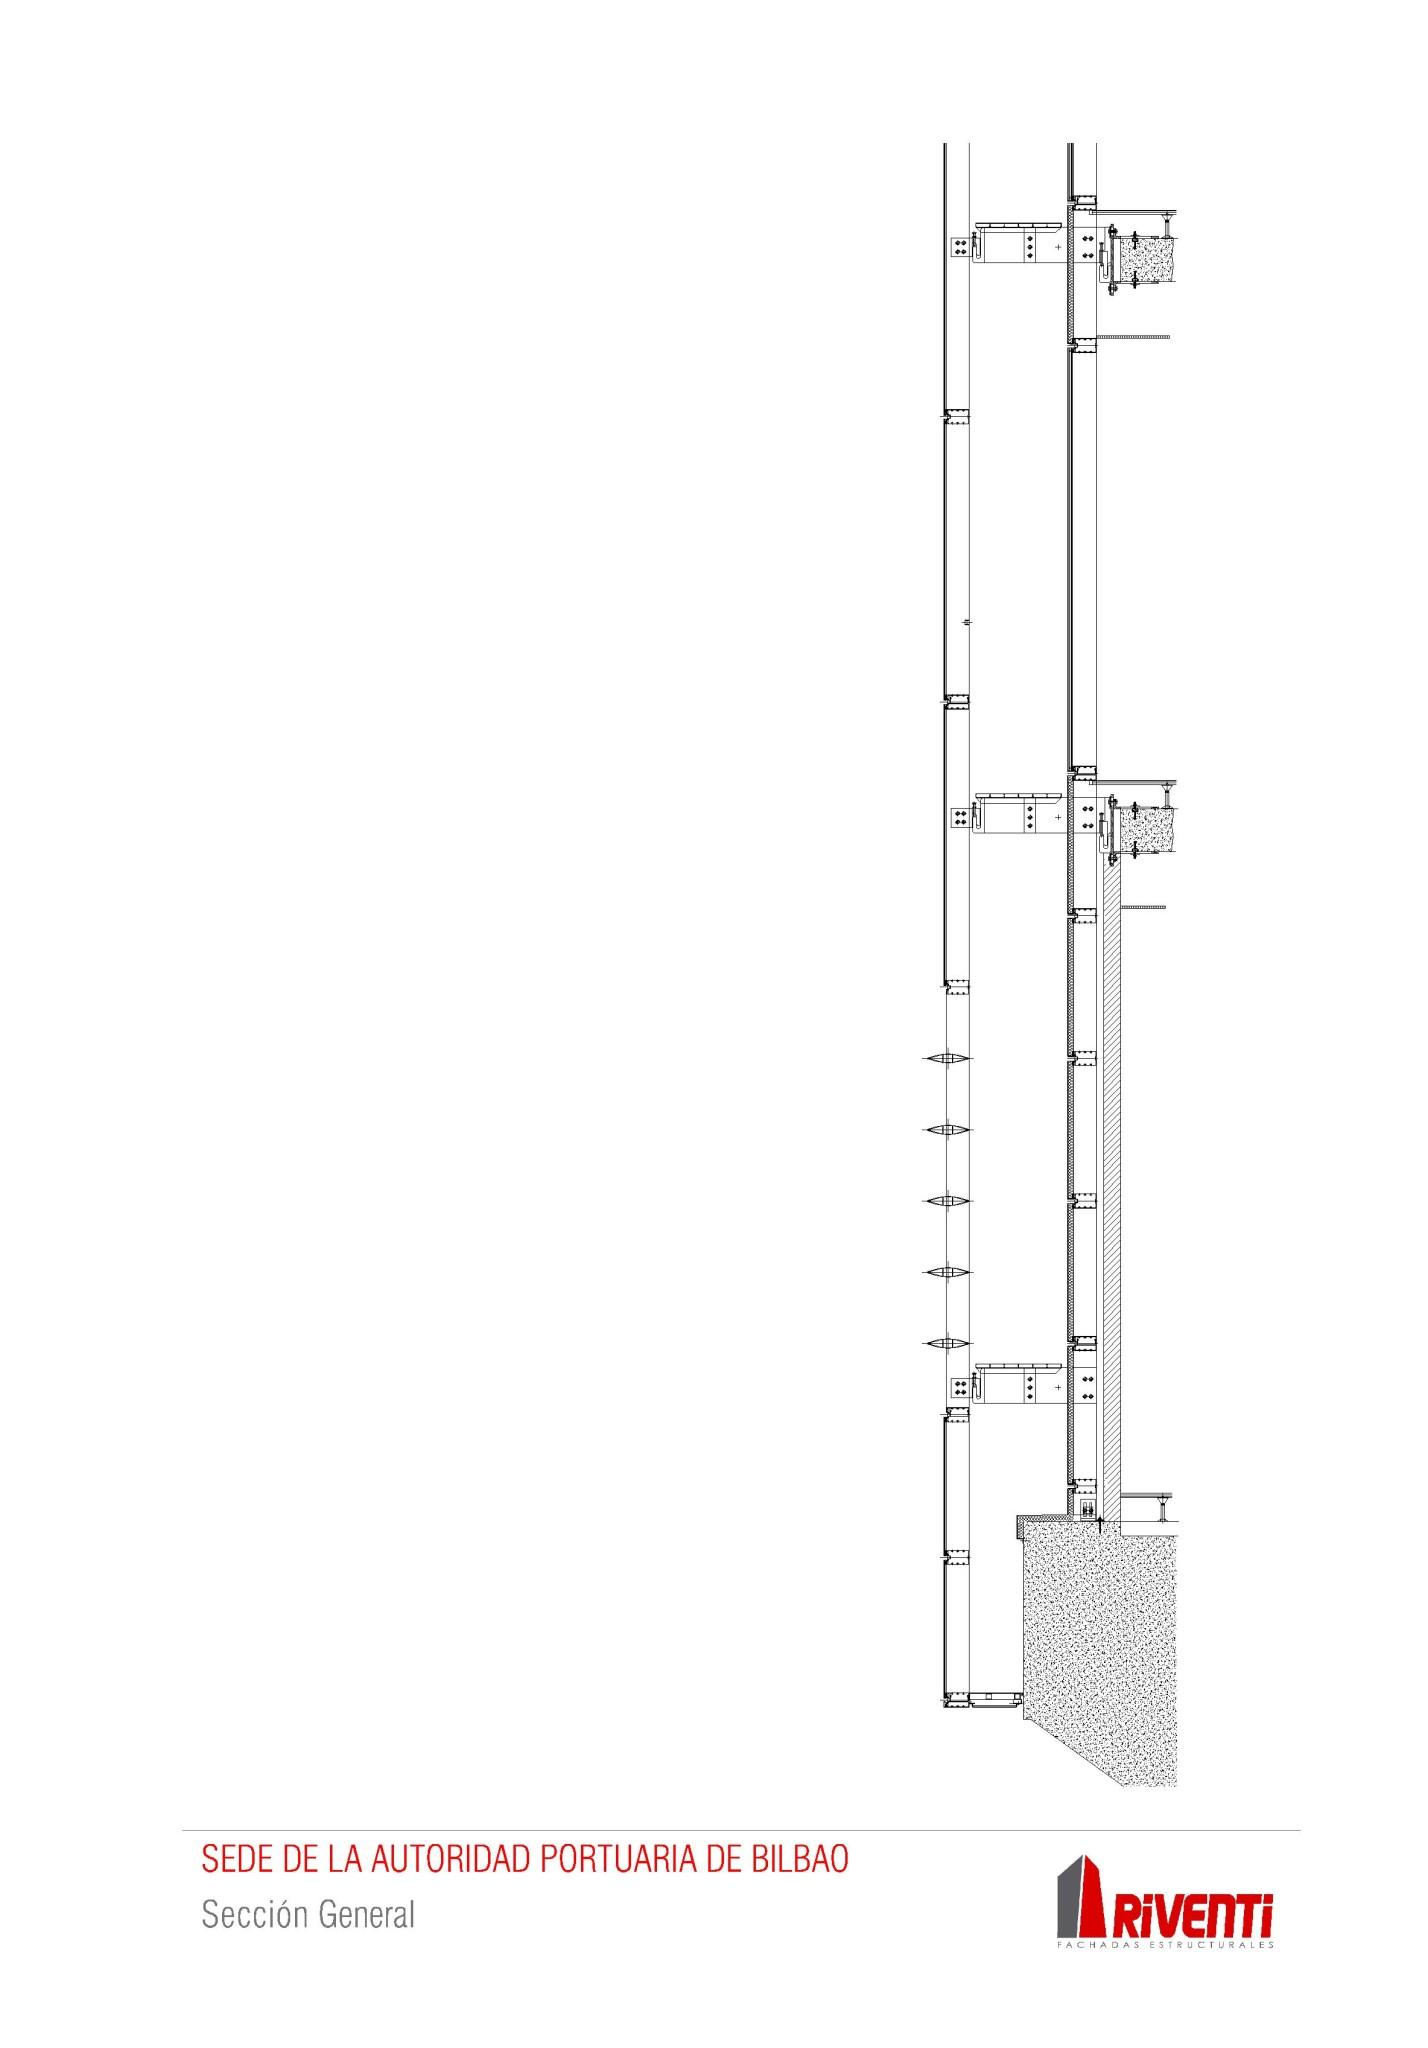 muro-cortina-sede-portuaria-bilbao-doble-piel-fachada-riventi-detalle-constructivo (3)